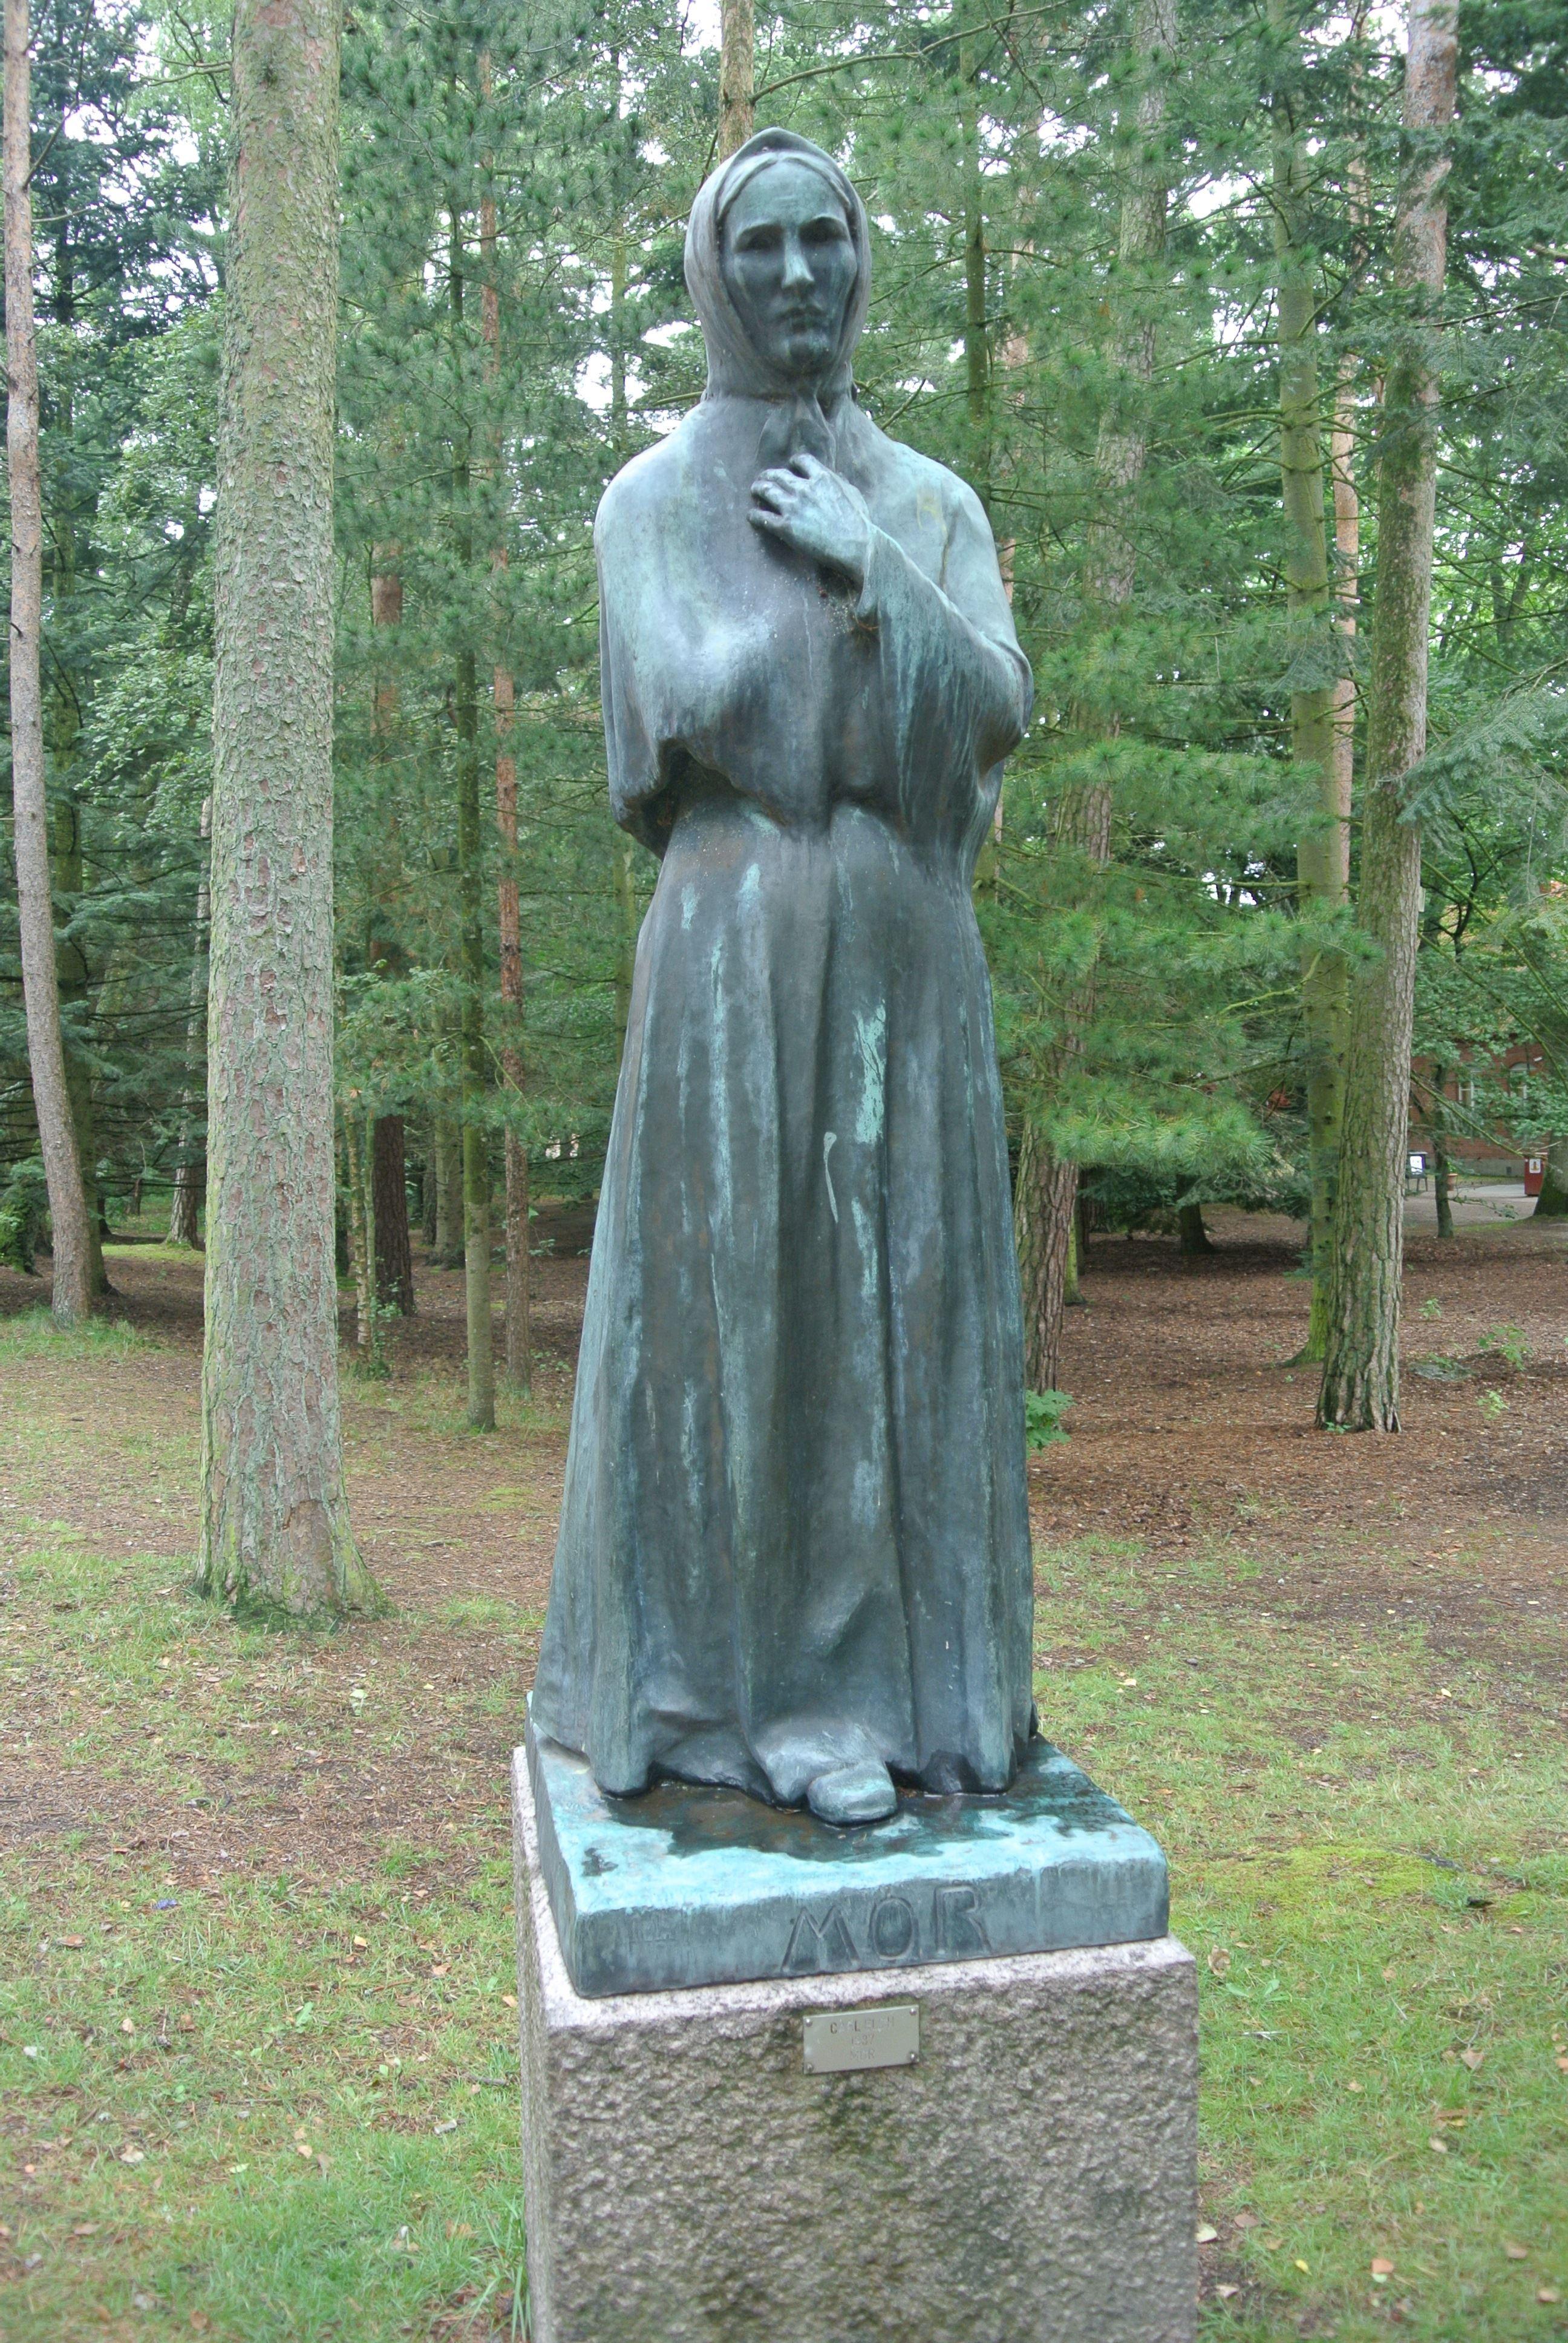 Skulpturwanderung...auf eigene Faust